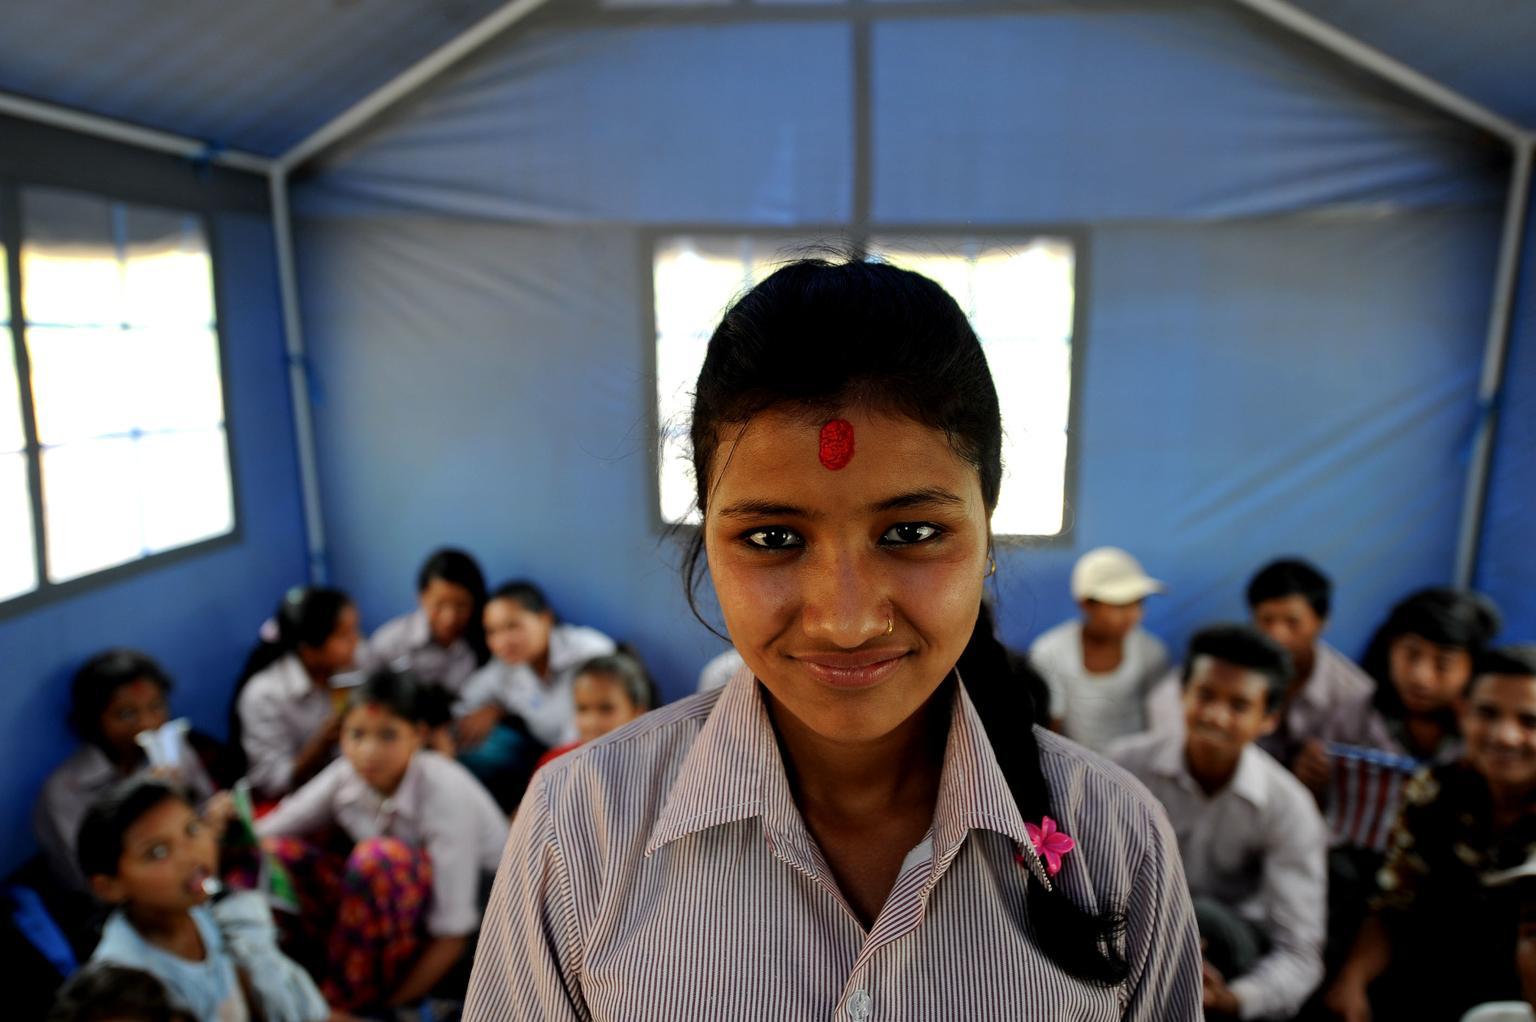 Gender in Education in Emergencies